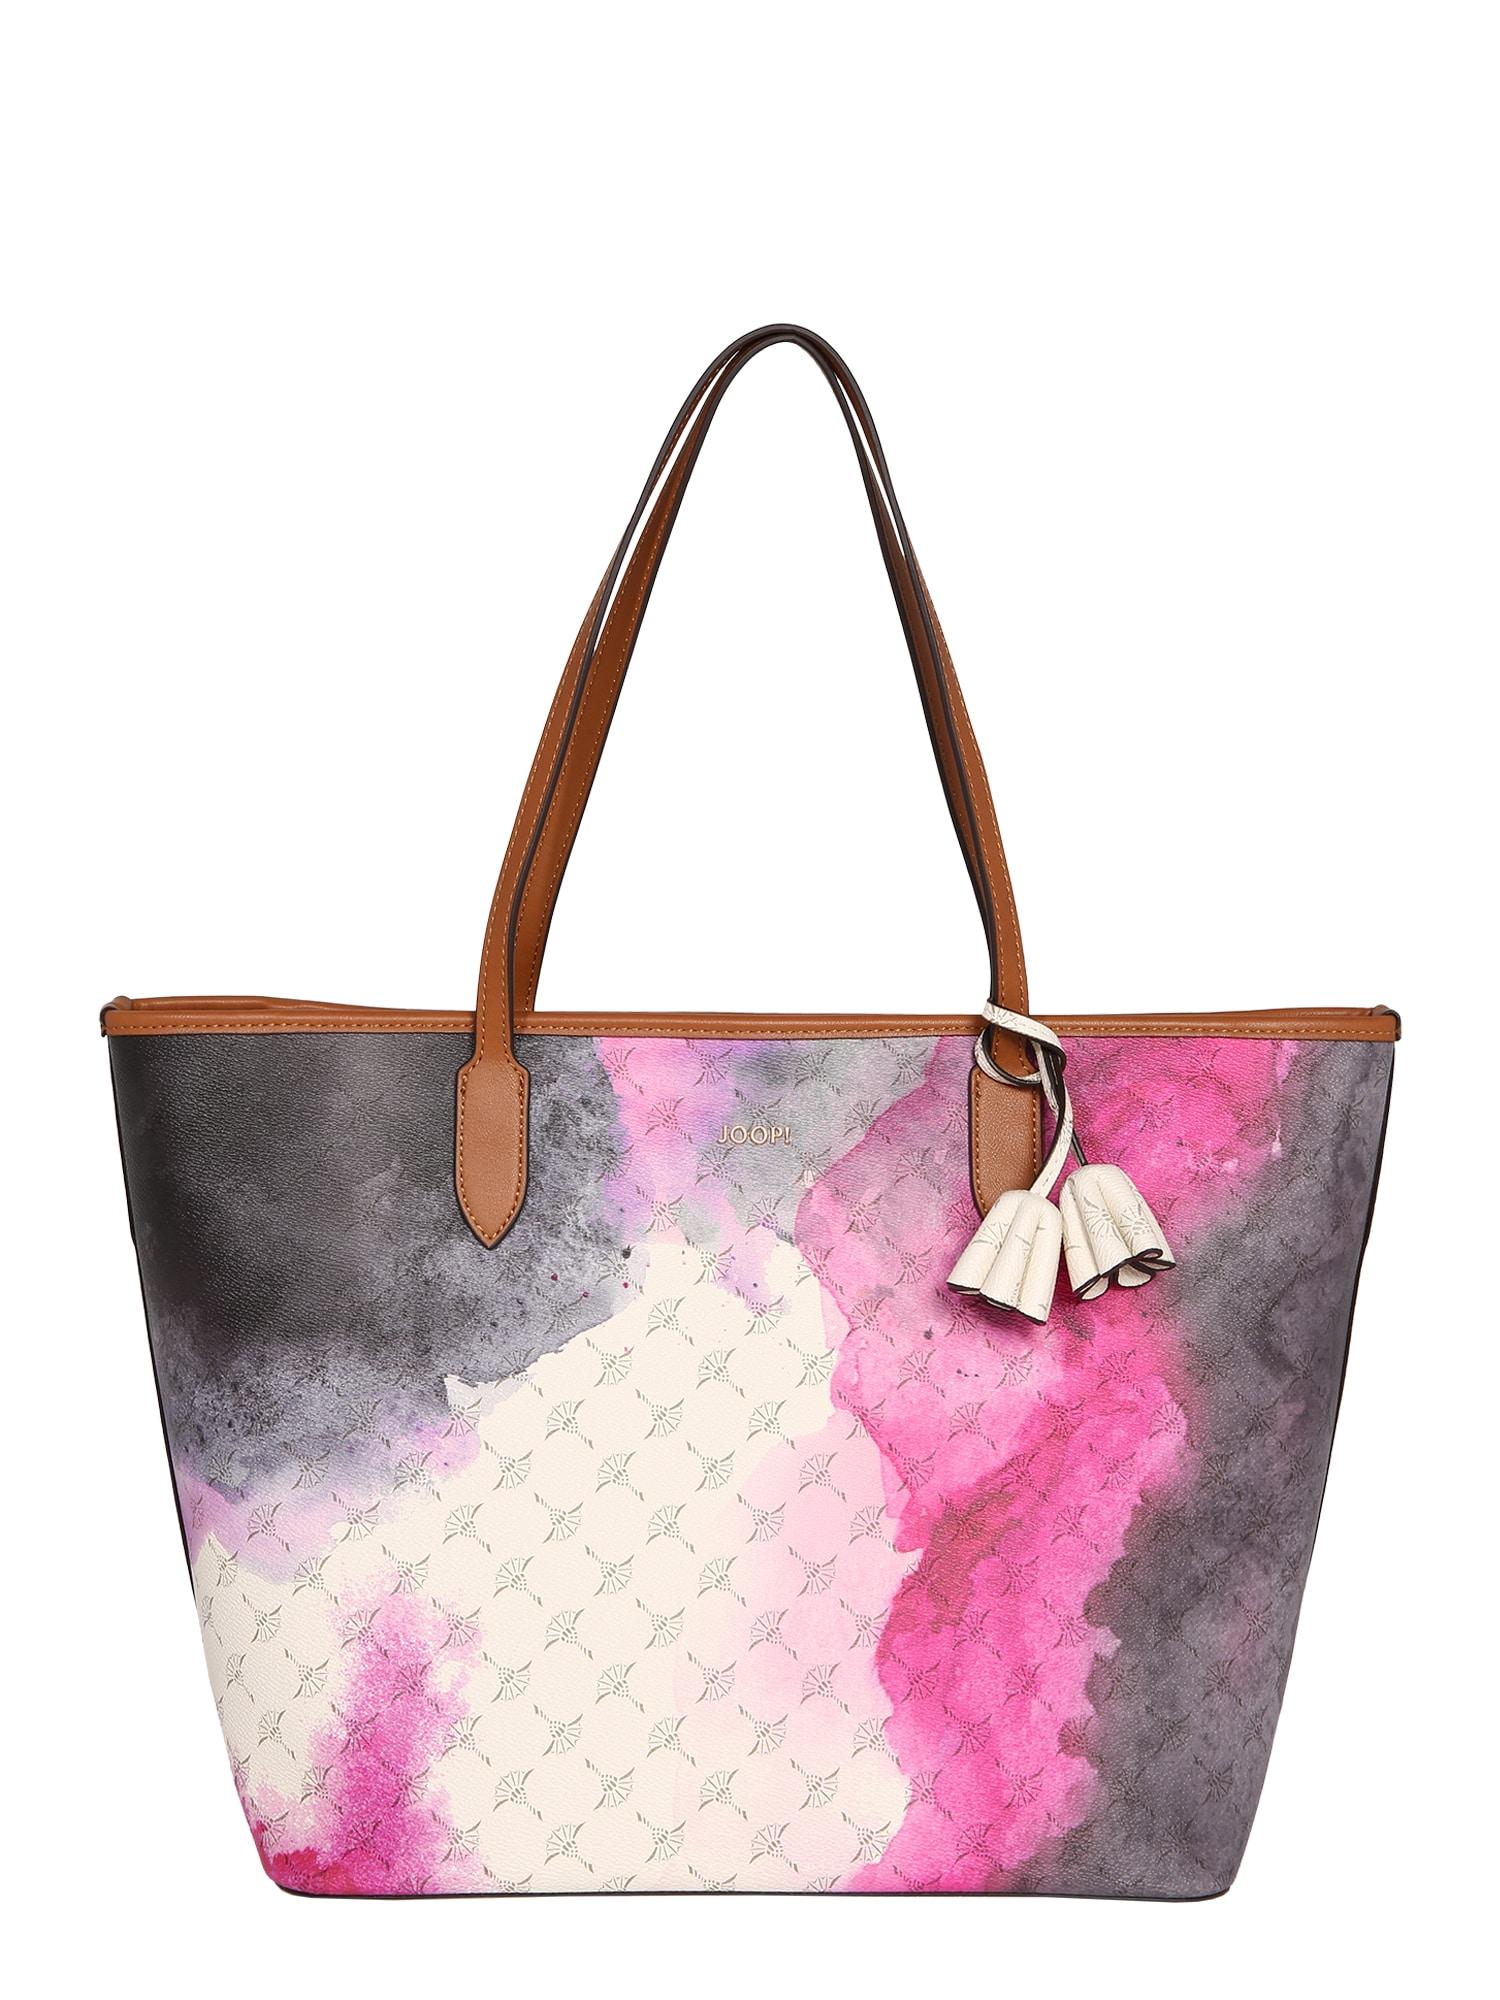 JOOP! Pirkinių krepšys 'Cortina Fresco Lara' mišrios spalvos